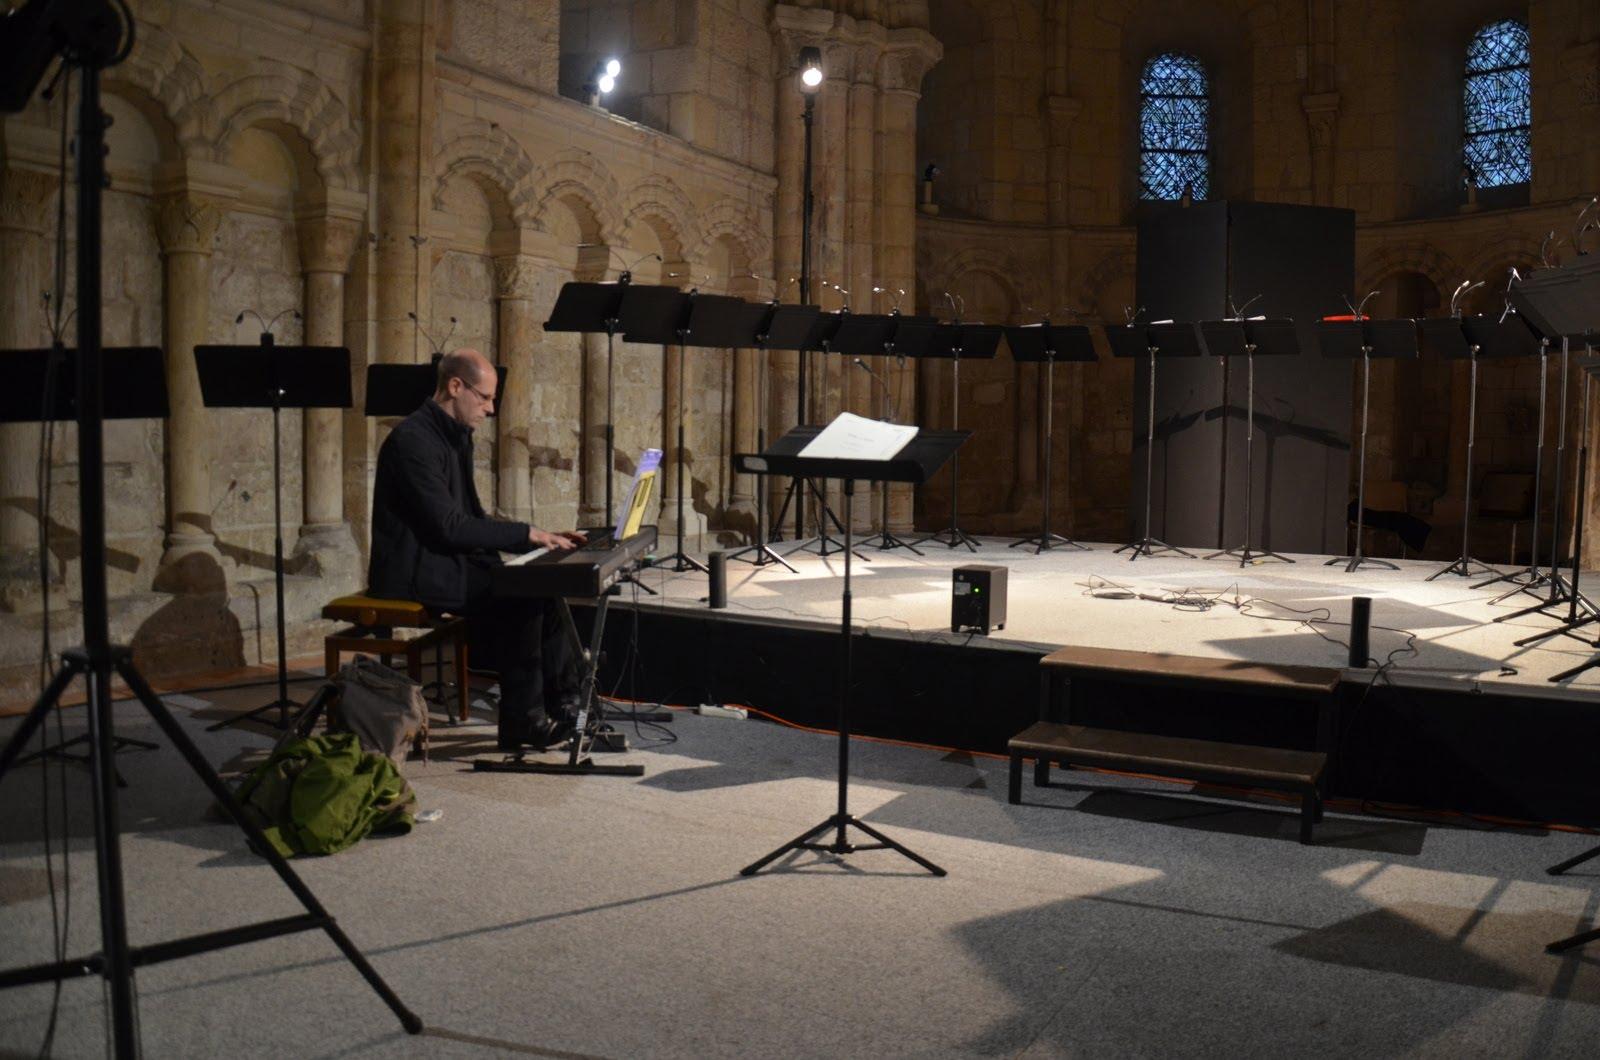 La solitude du pianiste avant le concert